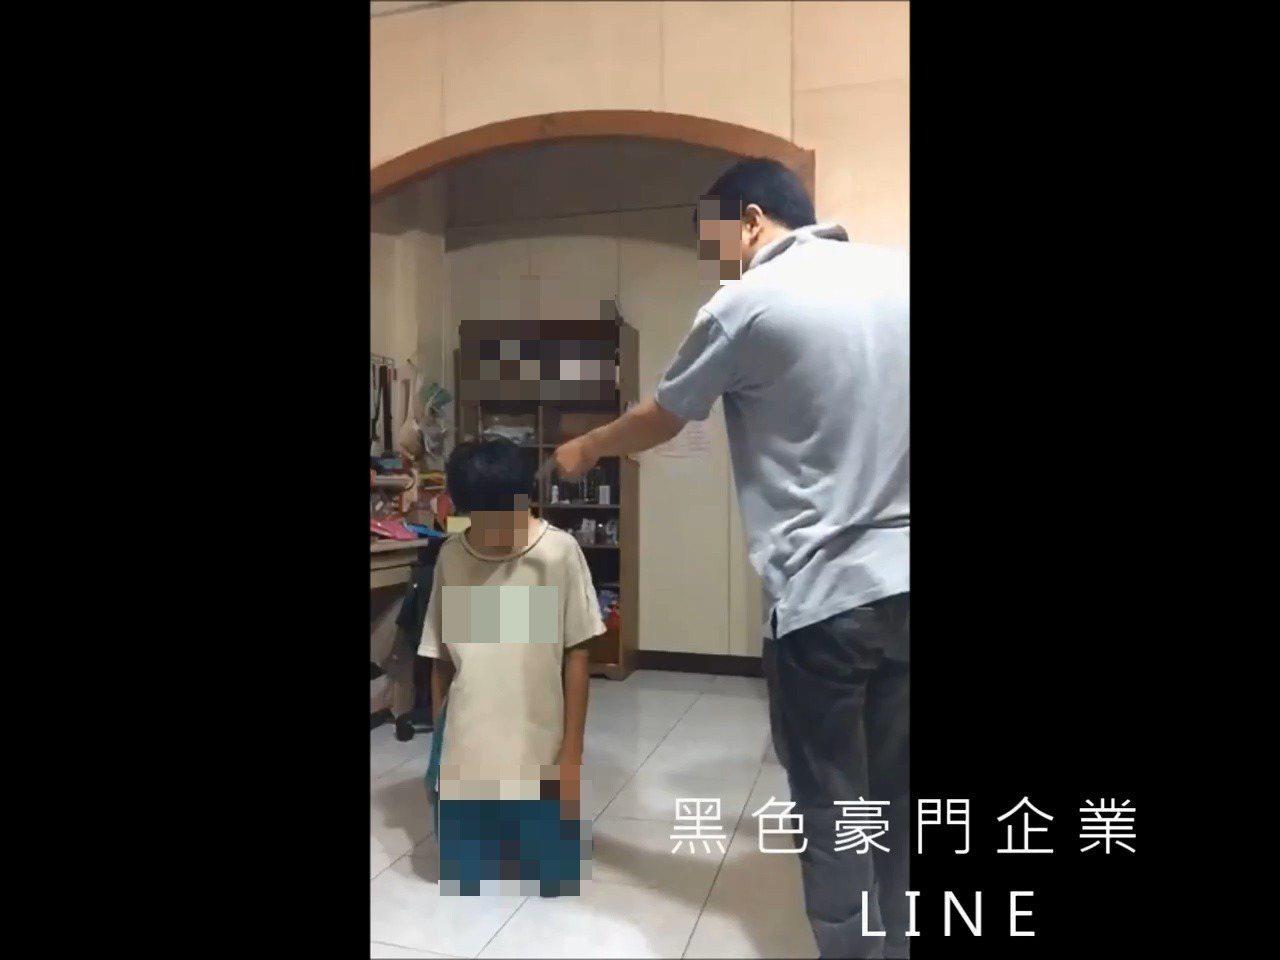 吳姓父親逼兒子罰跪。圖/翻攝自臉書黑色豪門企業